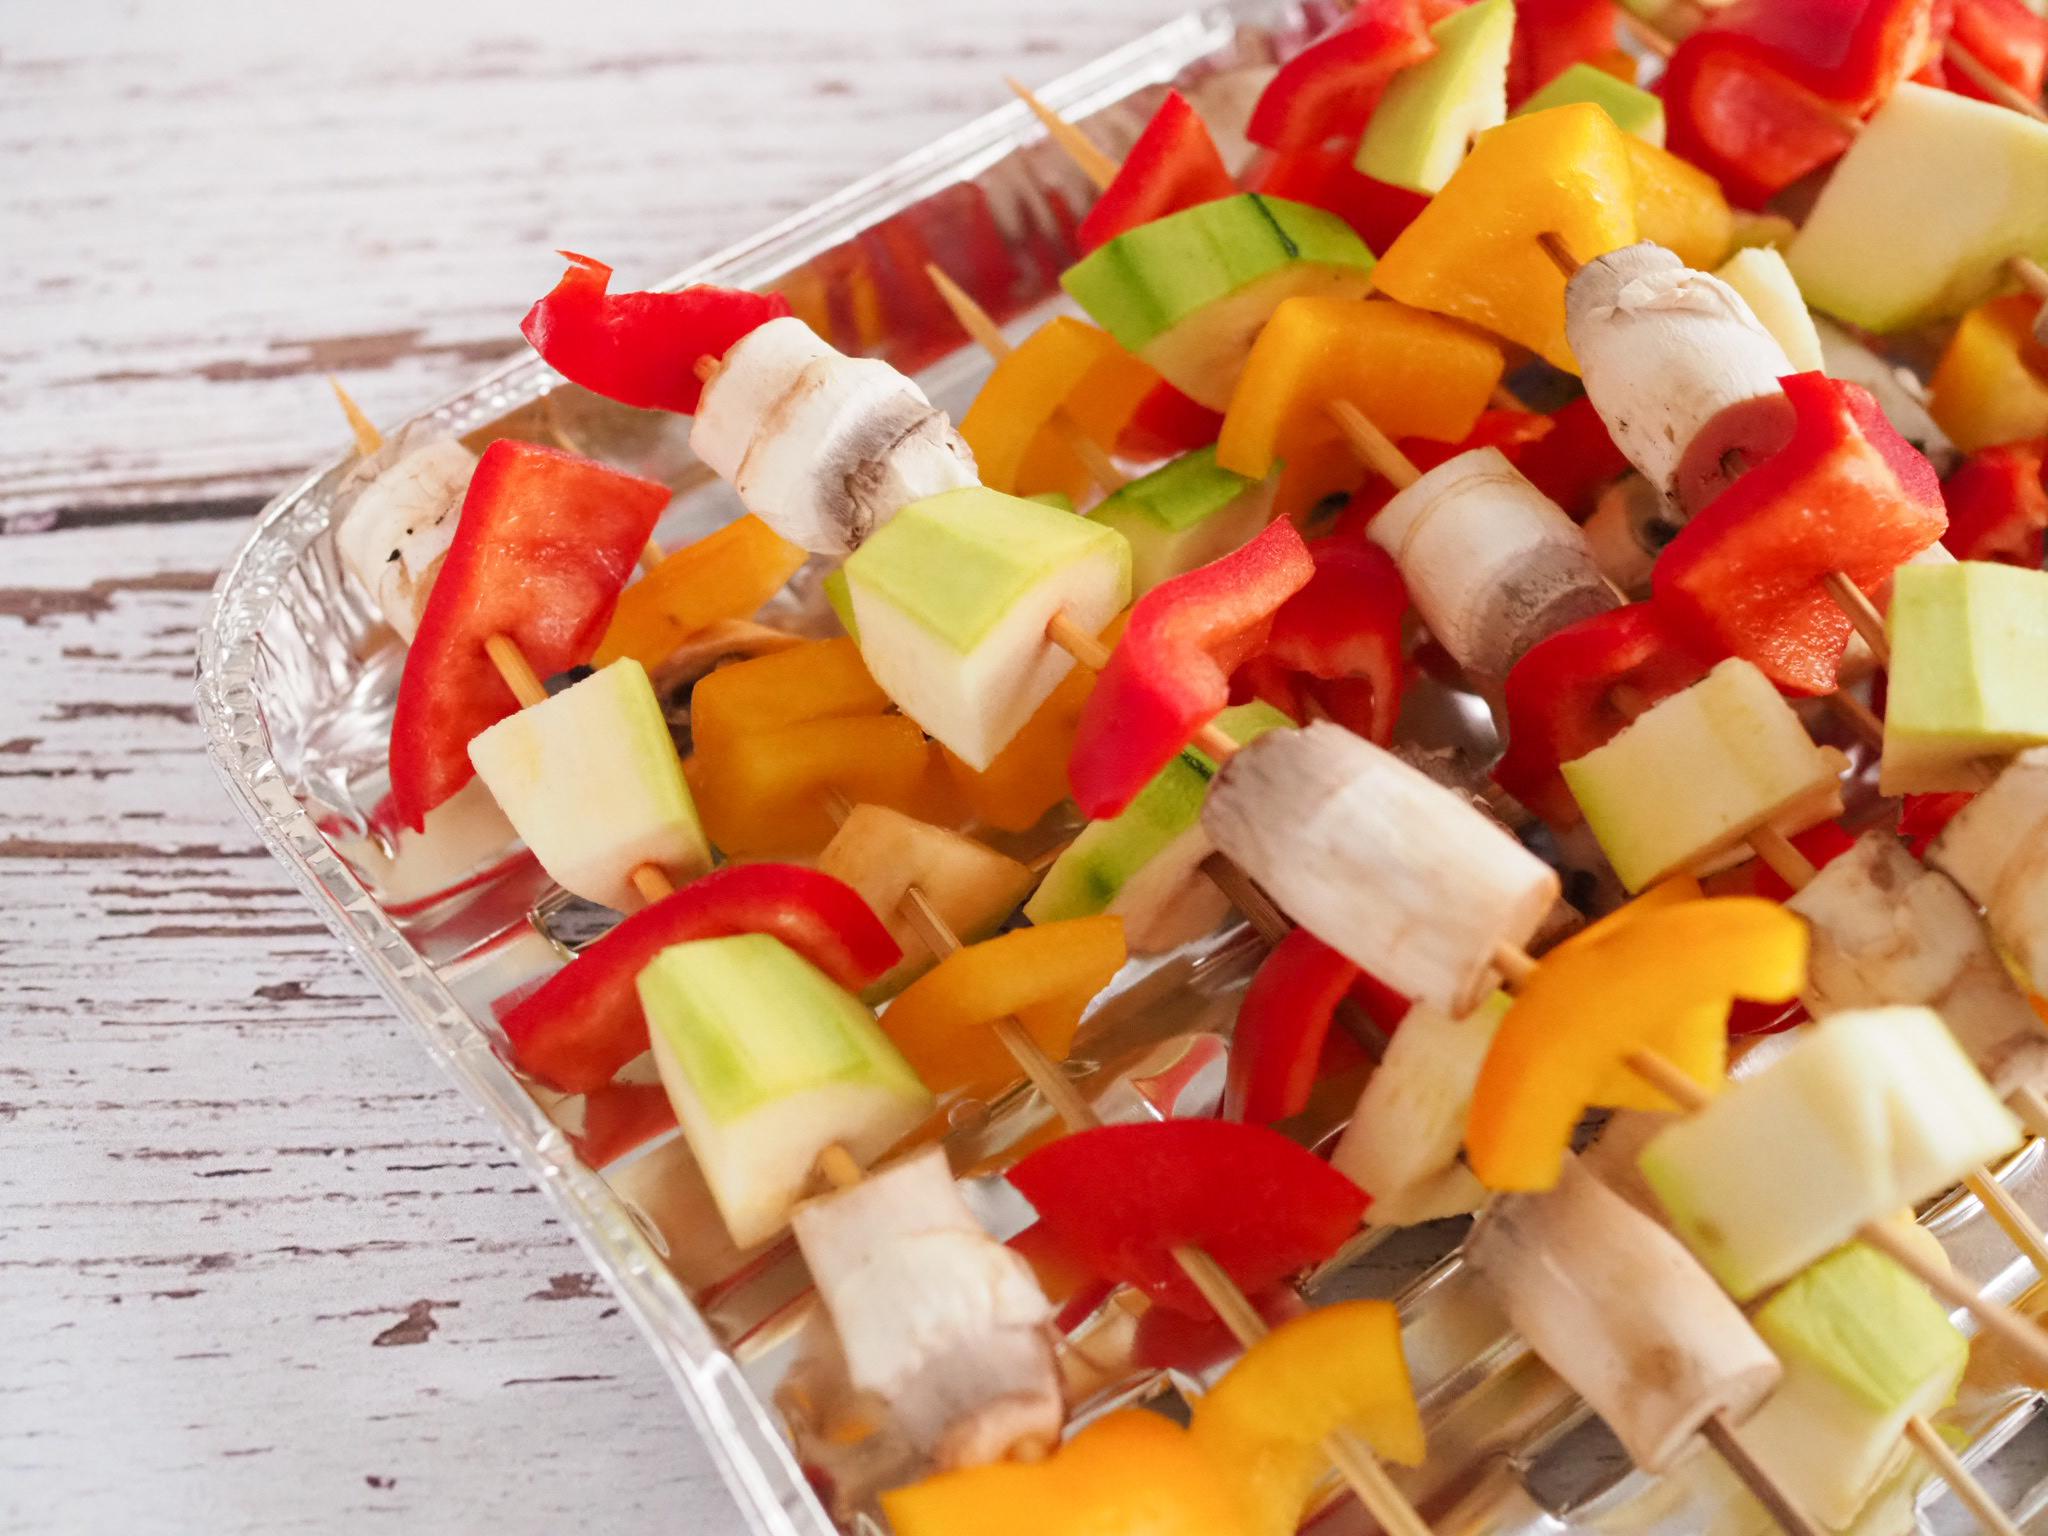 czy możesz sobiepozwolić na grilla gdy chcesz się zdrowo odżywiać